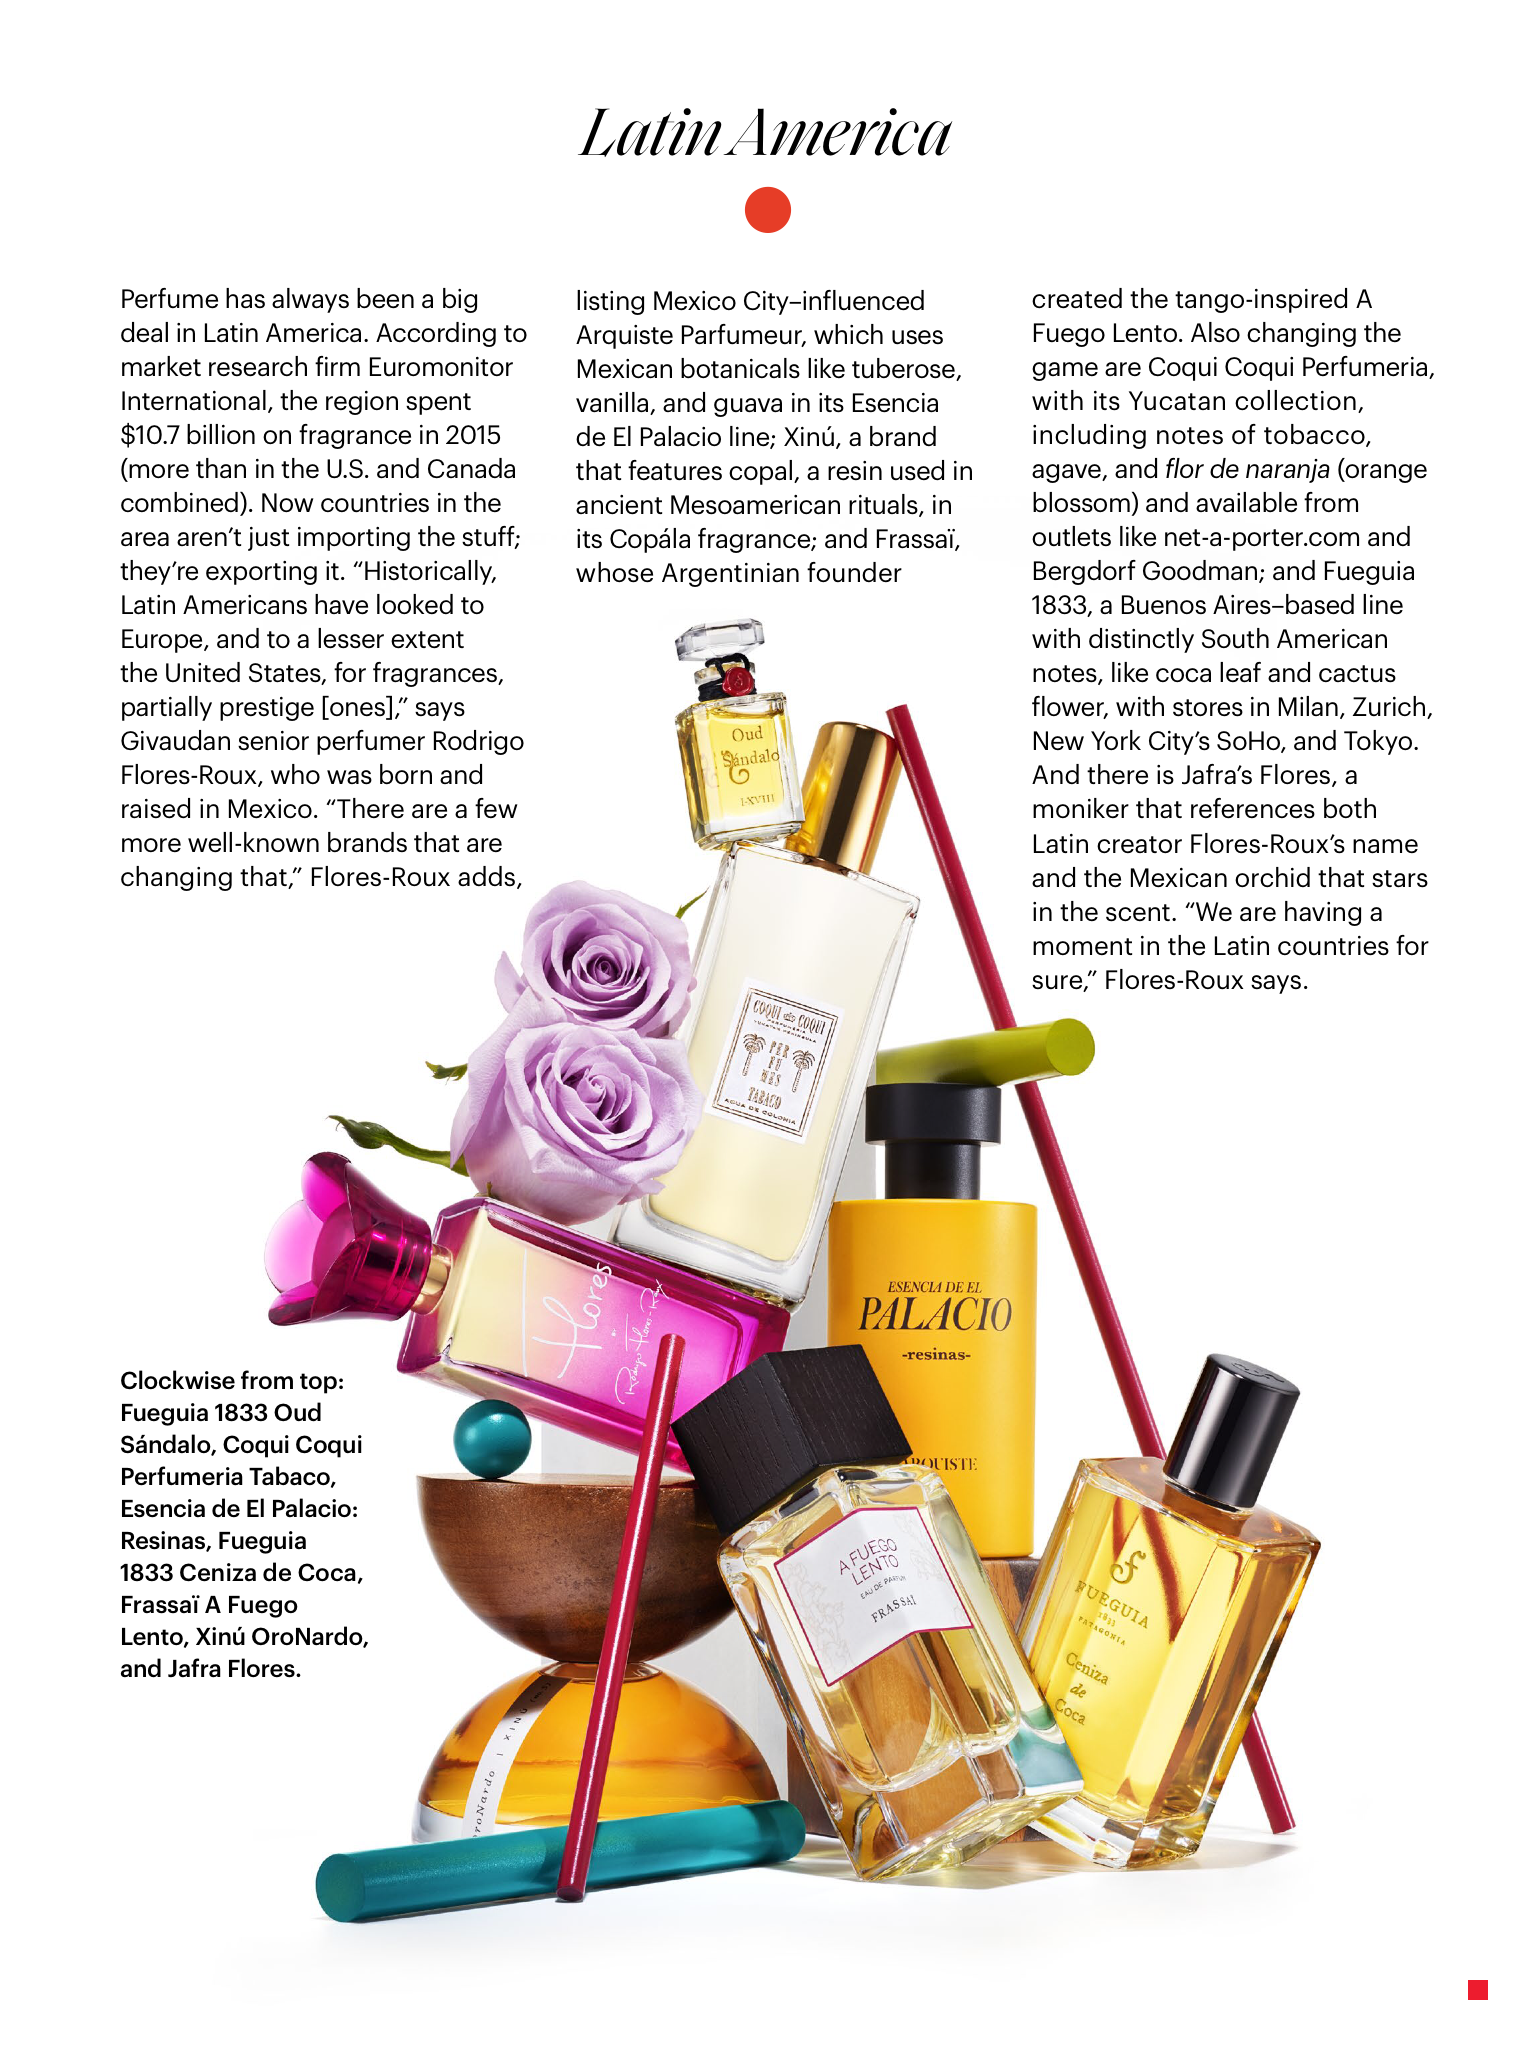 A Fuego Lento perfume in Allure Magazine March 2019 -